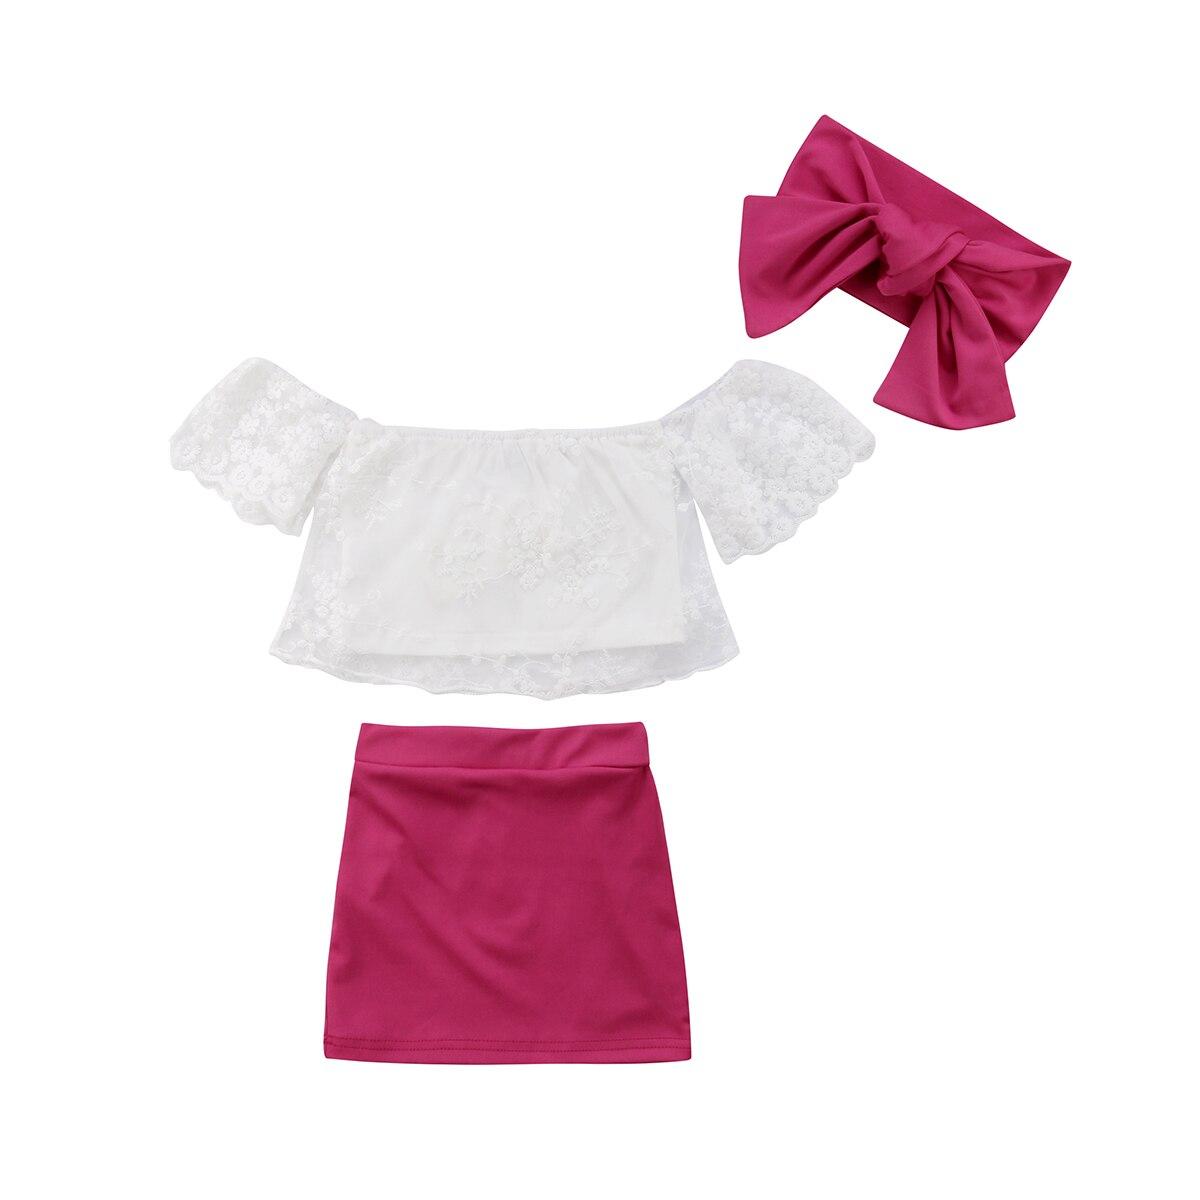 Nuevo verano niños bebé niña de hombro de encaje Floral blanco Tops camiseta + Rosa rojo faldas vestido pequeños bebés niñas trajes conjunto